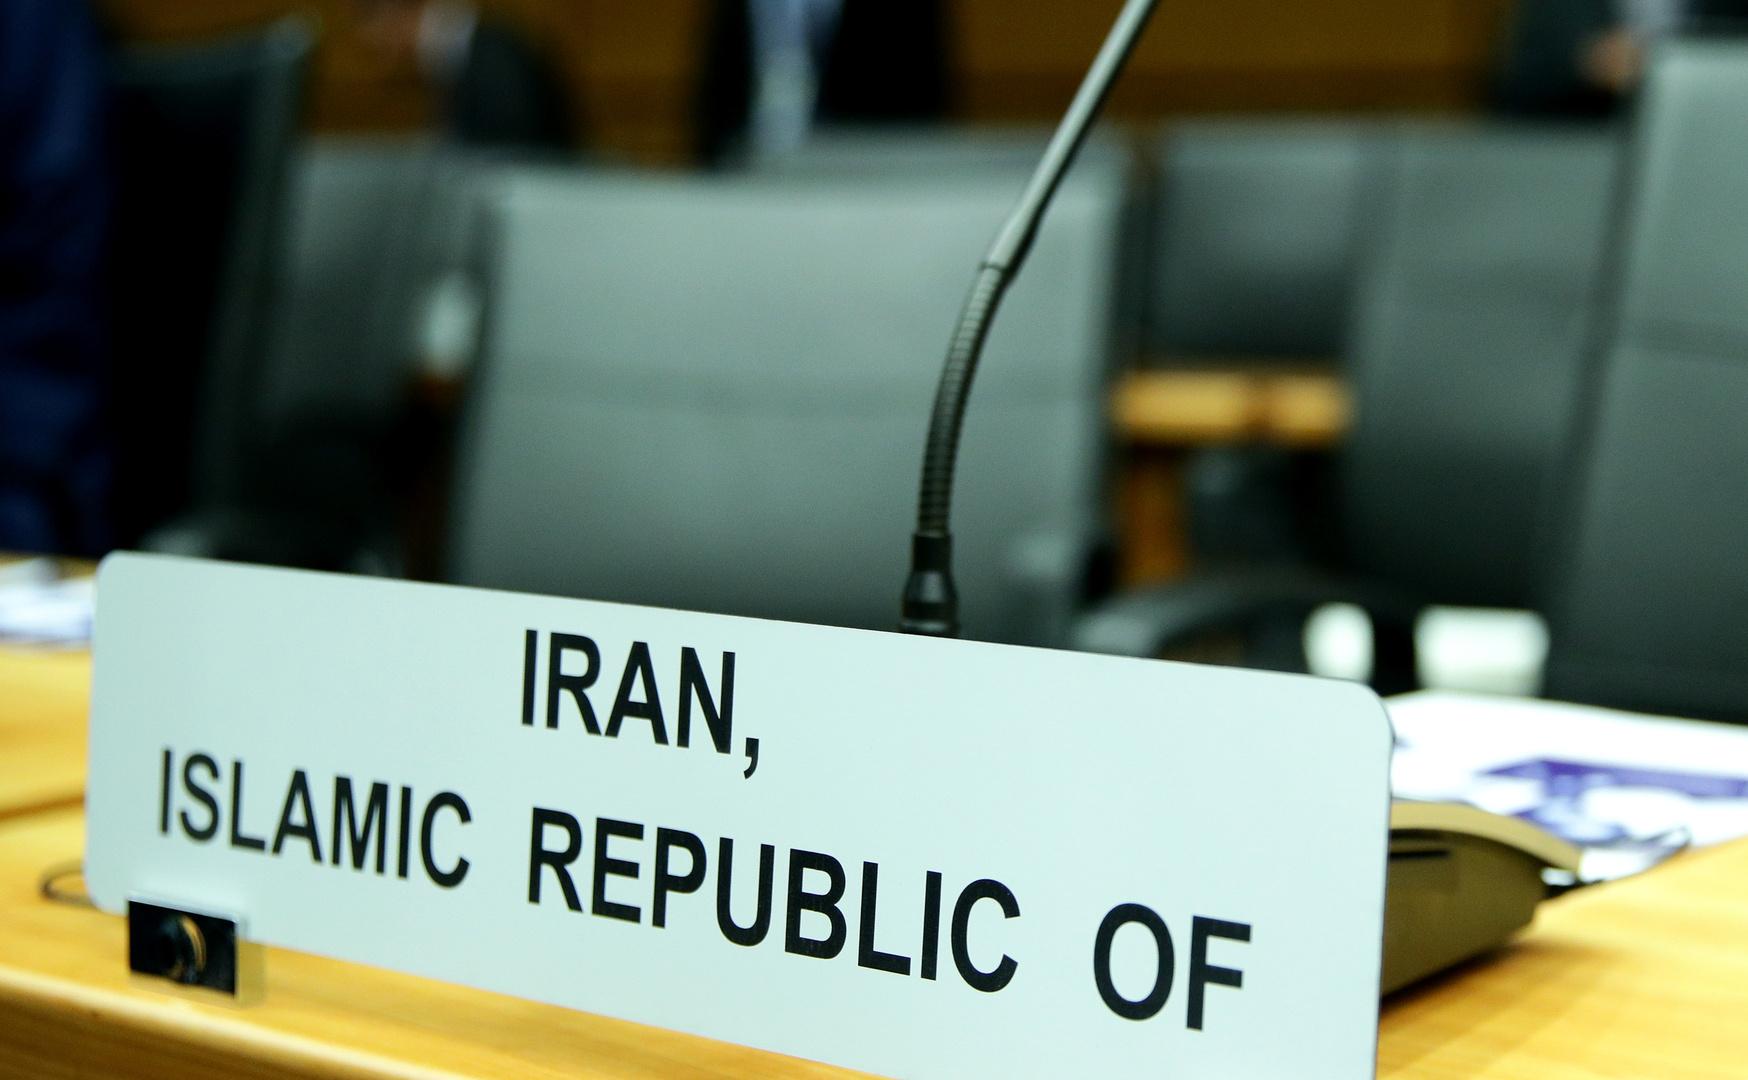 مصدر فرنسي: إيران قدمت إشارات مشجعة بشأن استئناف الدبلوماسية بشأن النووي